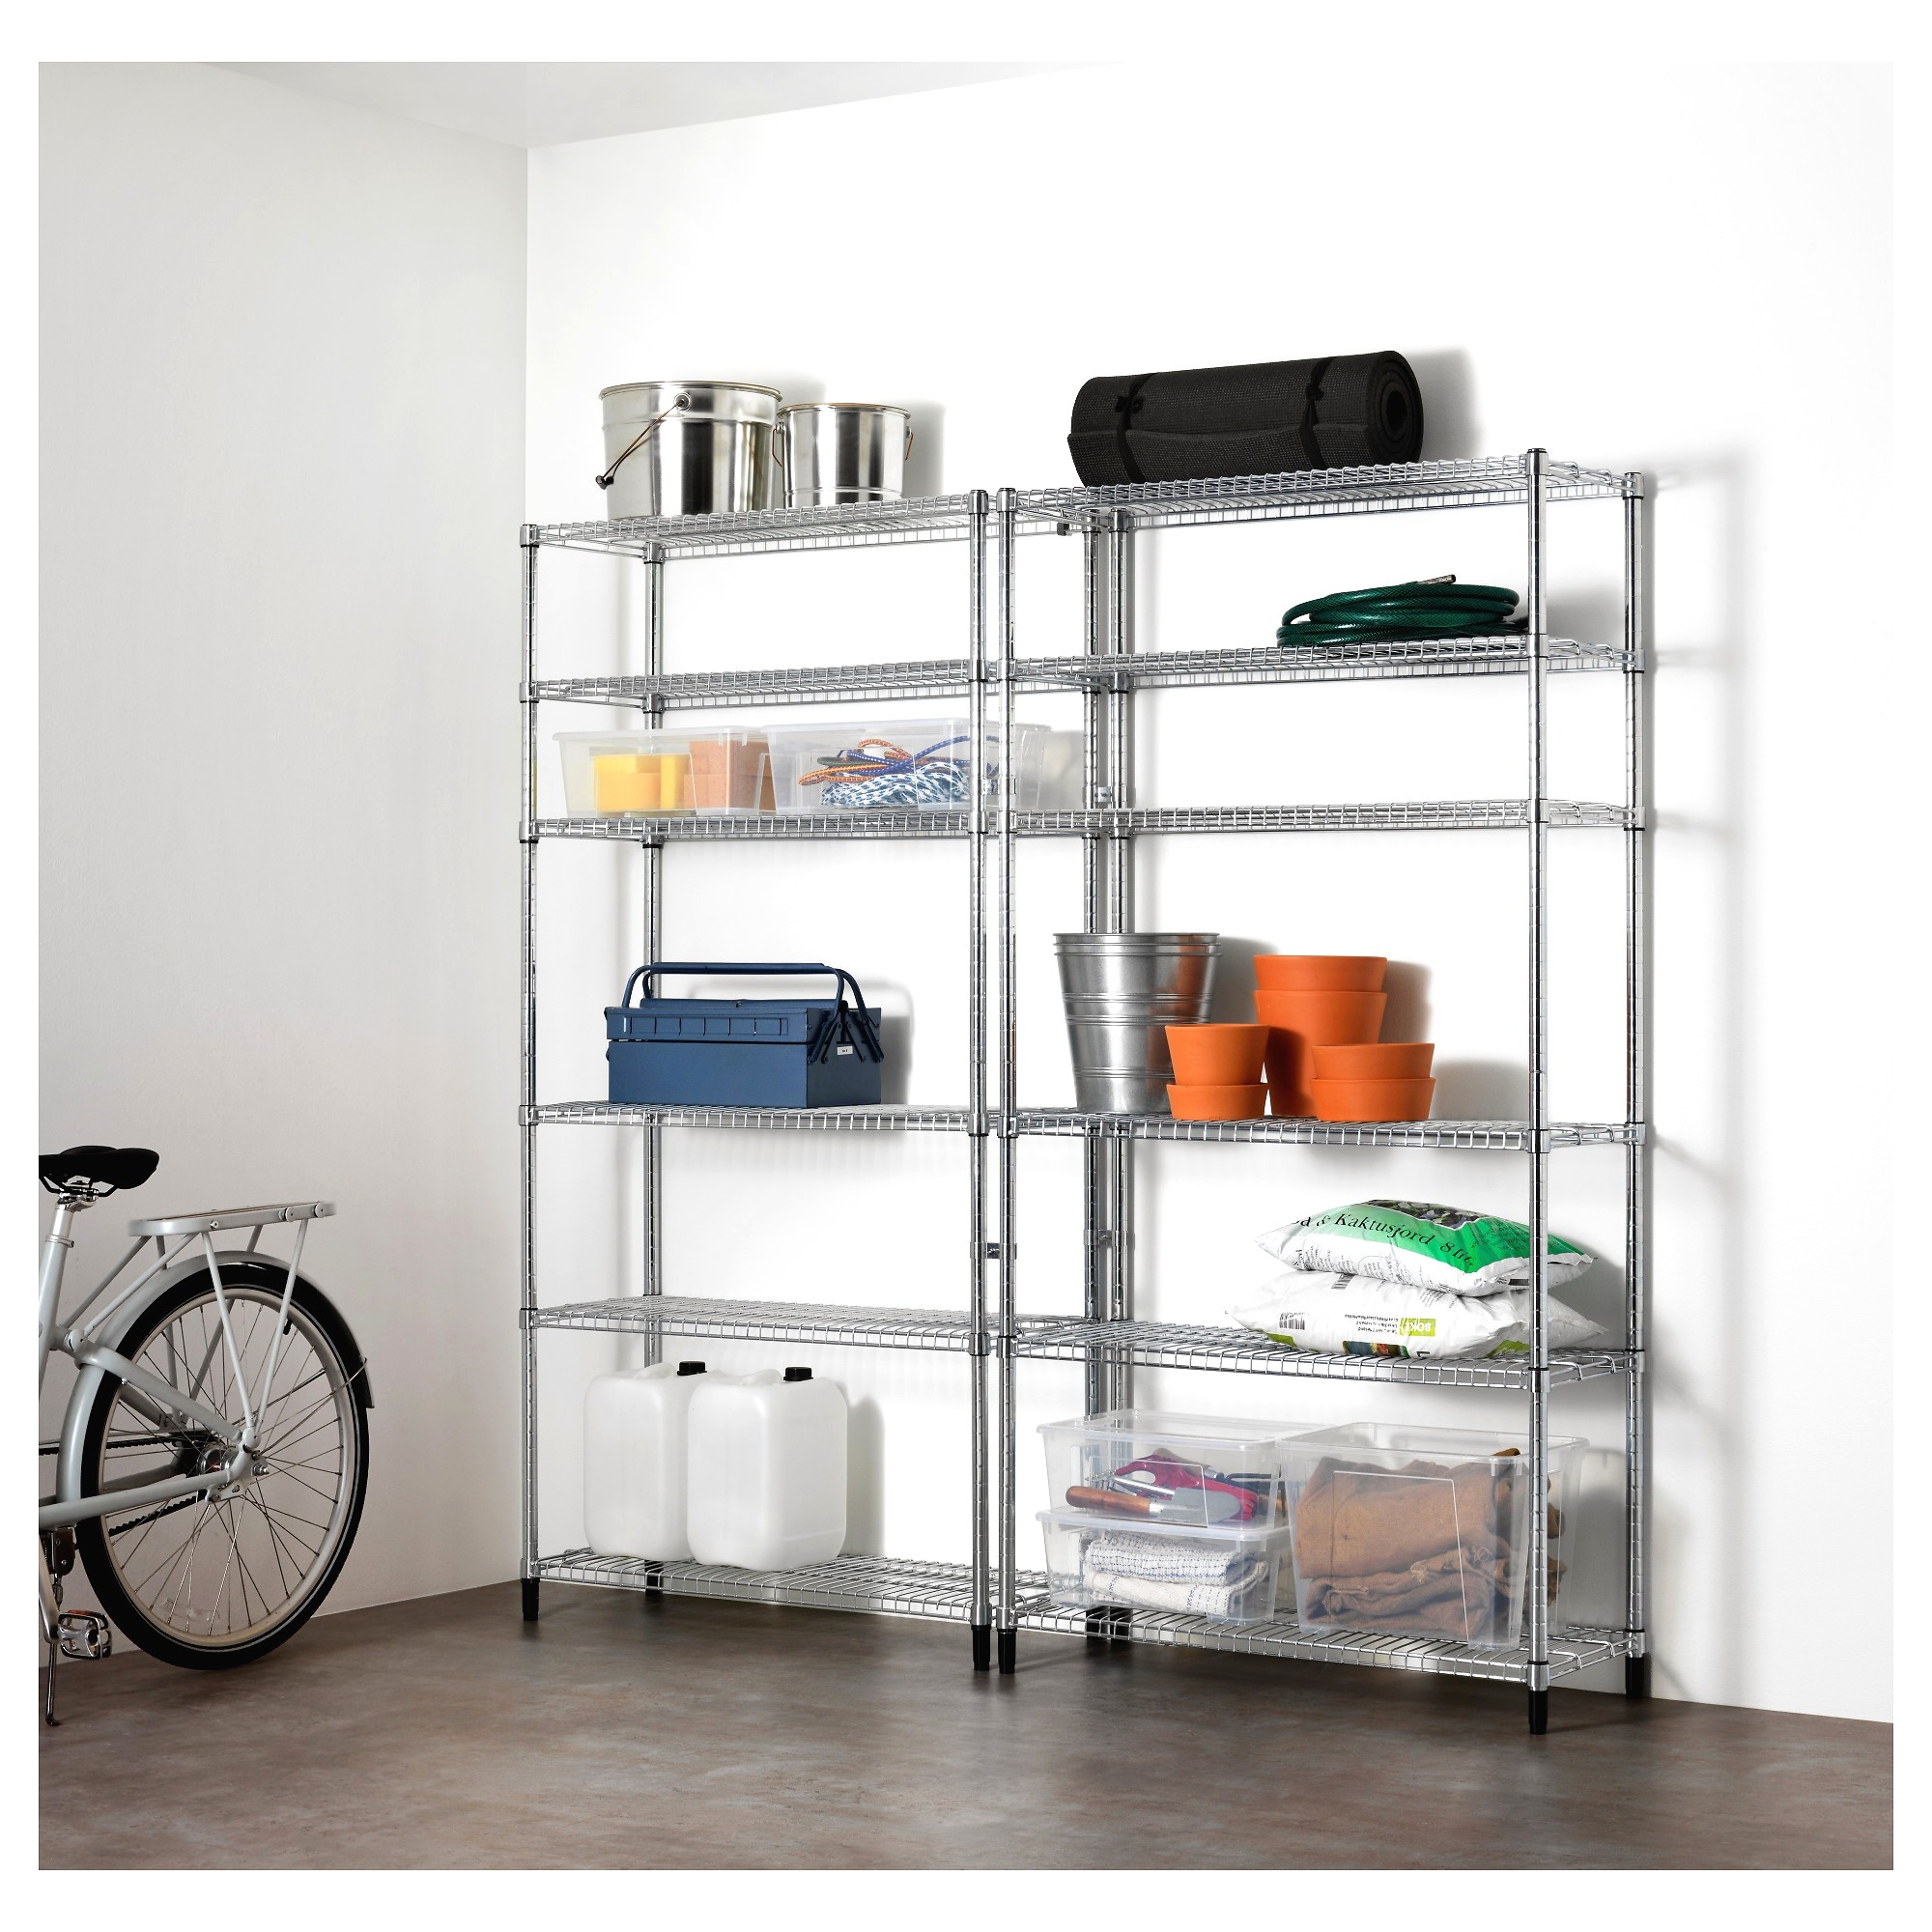 casier de rangement metal ikea meuble a avec with of et on best un cube en